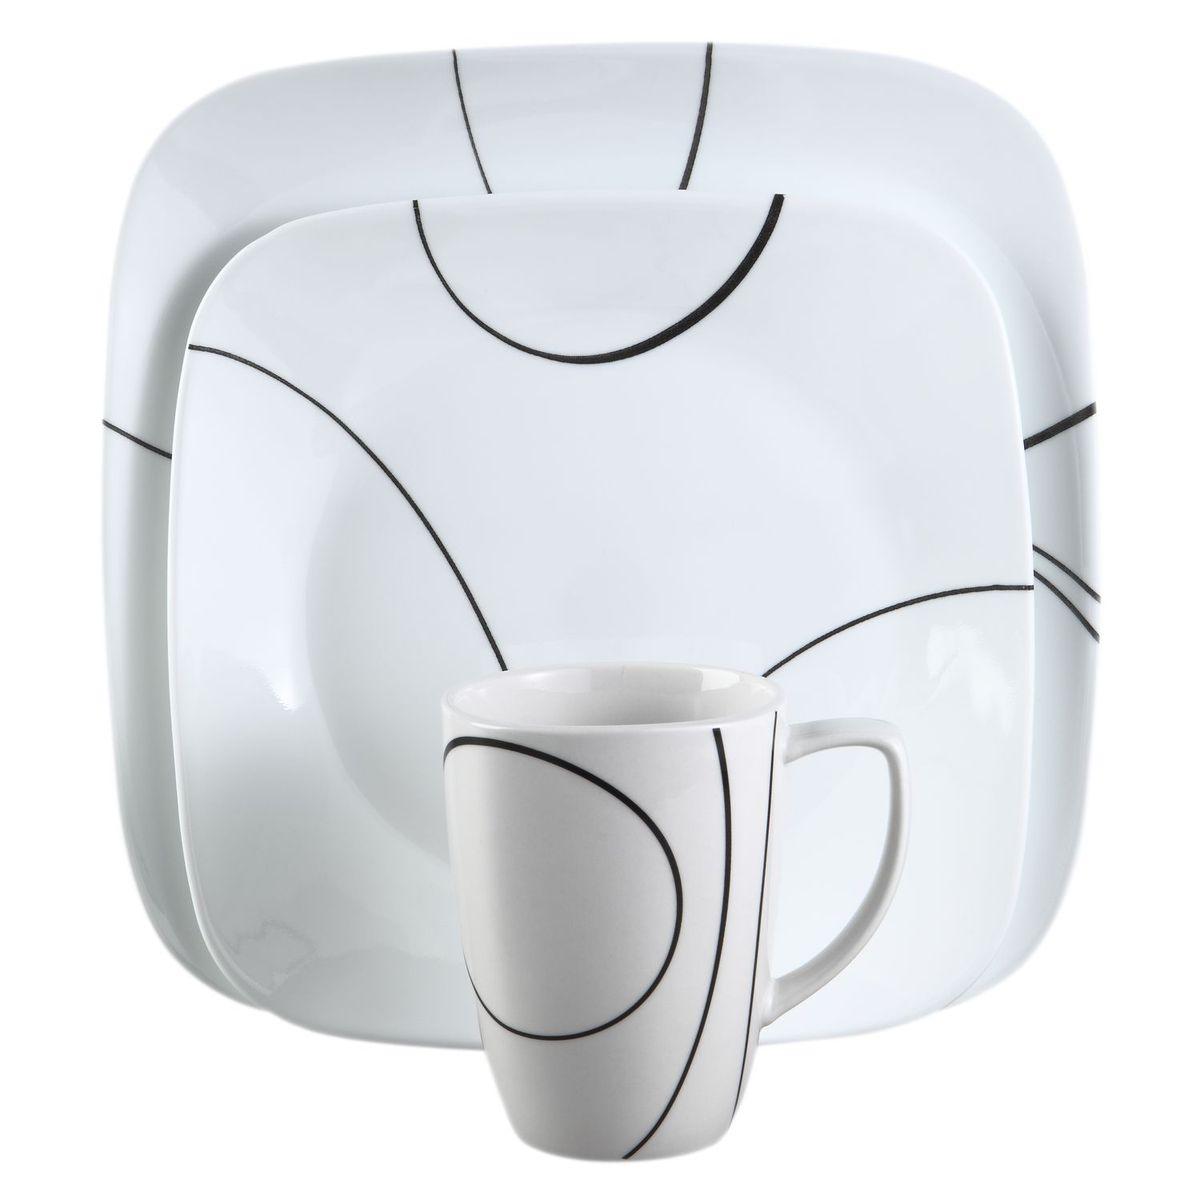 Набор посуды Simple Lines 16пр, цвет: белый с узором1069983Преимуществами посуды Corelle являются долговечность, красота и безопасность в использовании. Вся посуда Corelle изготавливается из высококачественного ударопрочного трехслойного стекла Vitrelle и украшена деколями американских и европейских дизайнеров. Рисунки не стираются и не царапаются, не теряют свою яркость на протяжении многих лет. Посуда Corelle не впитывает запахов и очень долгое время выглядит как новая. Уникальная эмаль, используемая во время декорирования, фактически становится единым целым с поверхностью стекла, что гарантирует долгое сохранение нанесенного рисунка. Еще одним из главных преимуществ посуды Corelle является ее безопасность. В производстве используются только безопасные для пищи пигменты эмали, при производстве посуды не применяется вредный для здоровья человека меламин. Изделия из материала Vitrelle:...